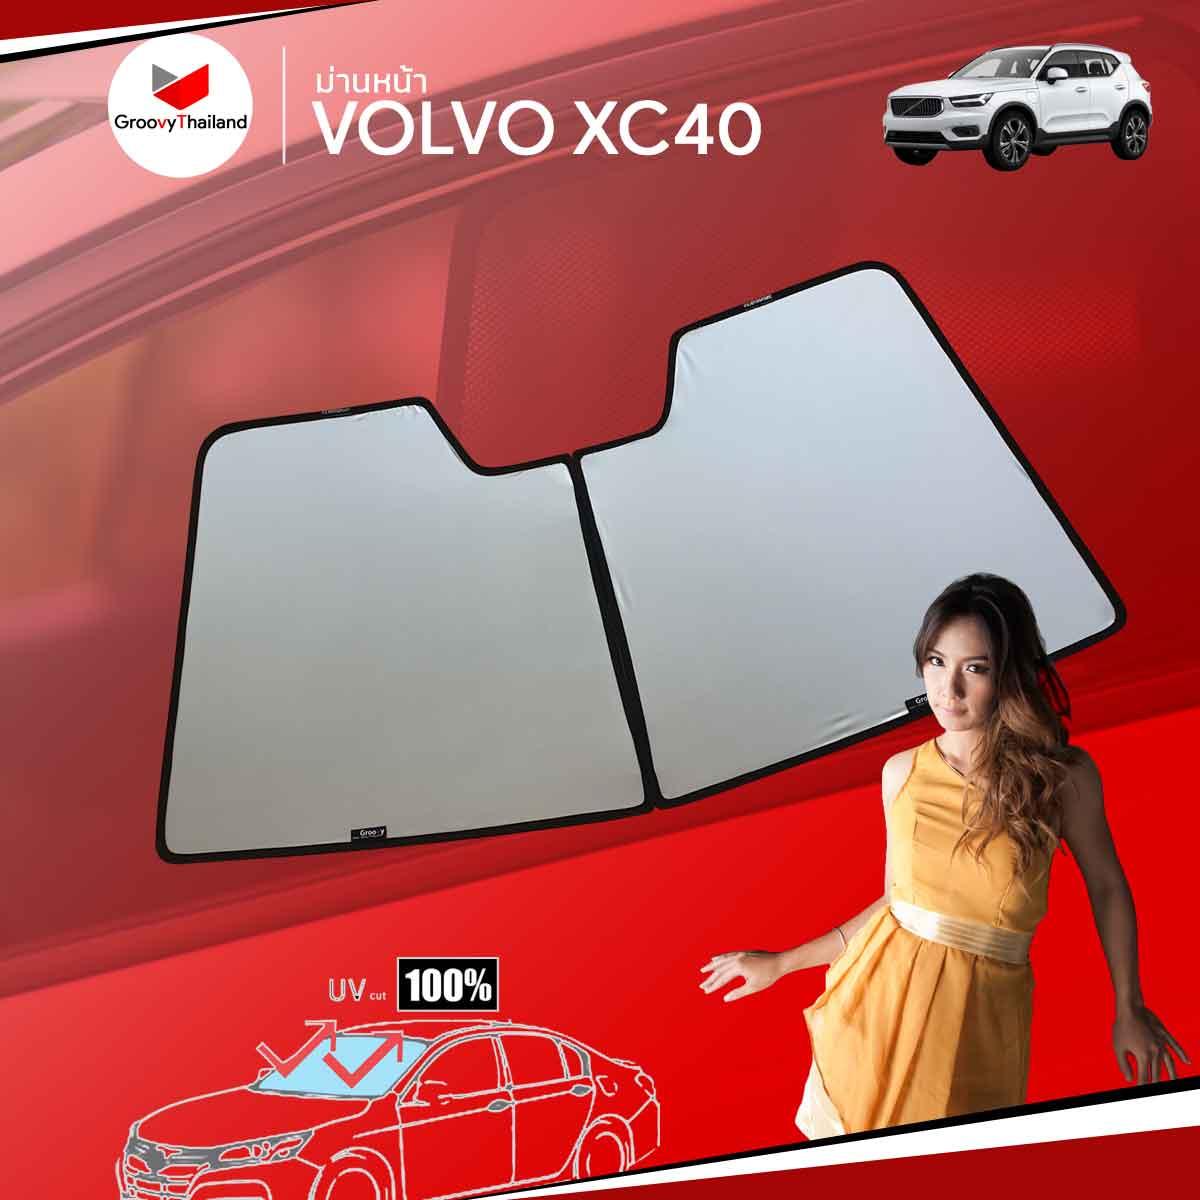 ม่านหน้า VOLVO XC40